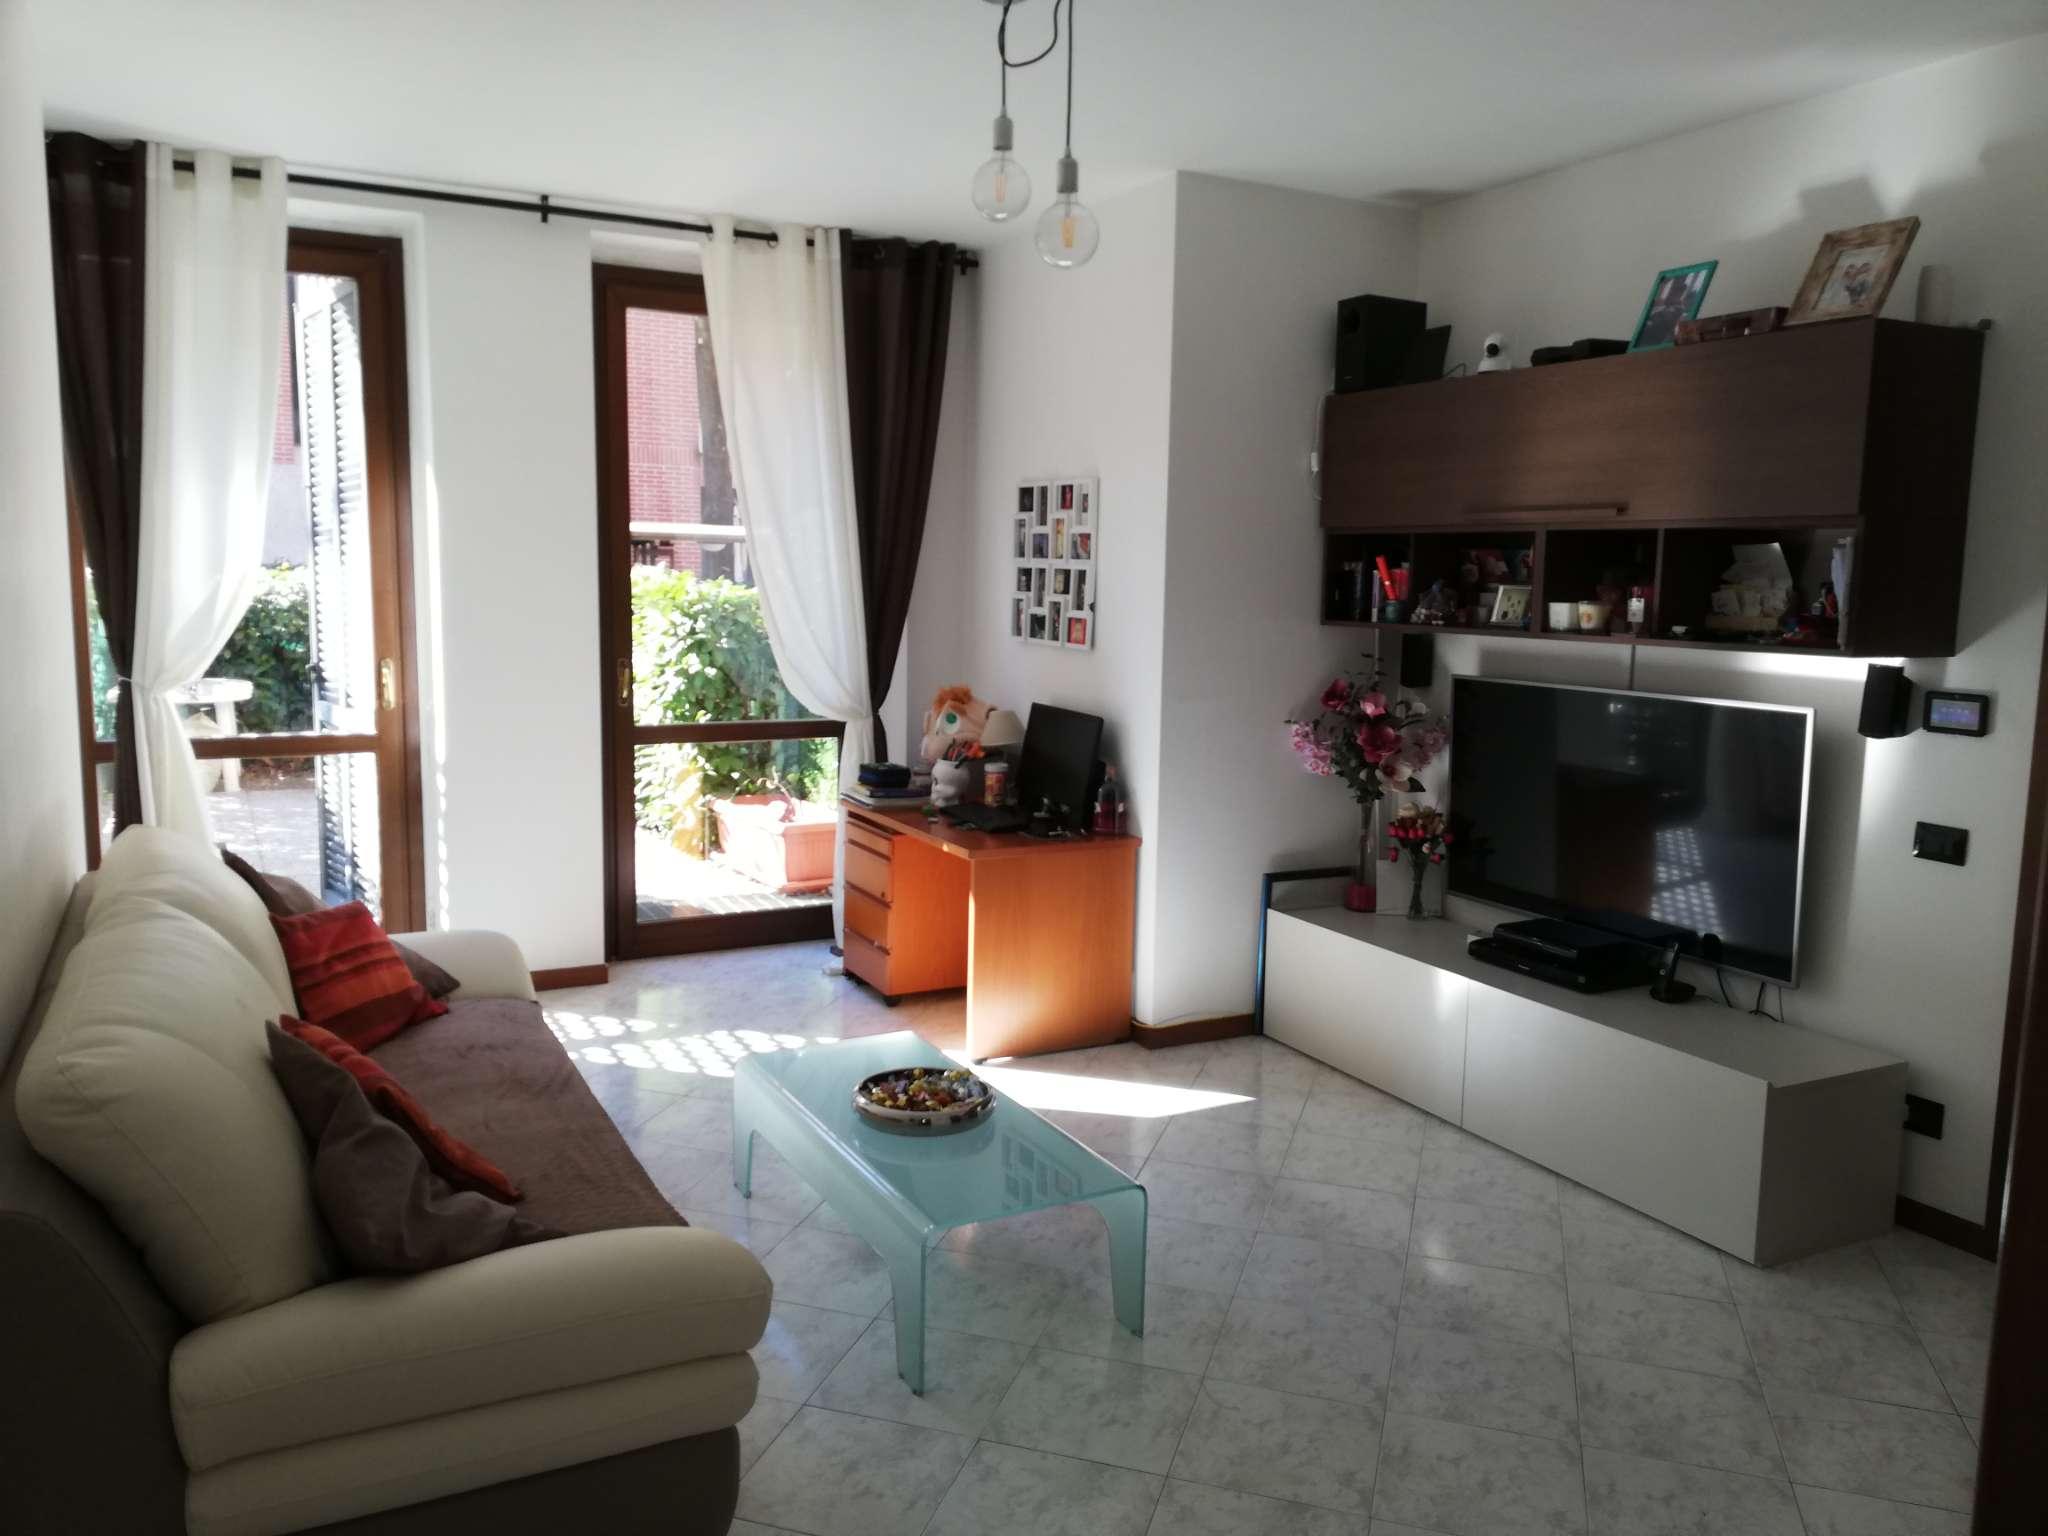 Appartamento in vendita a Pioltello, 2 locali, prezzo € 135.000 | PortaleAgenzieImmobiliari.it